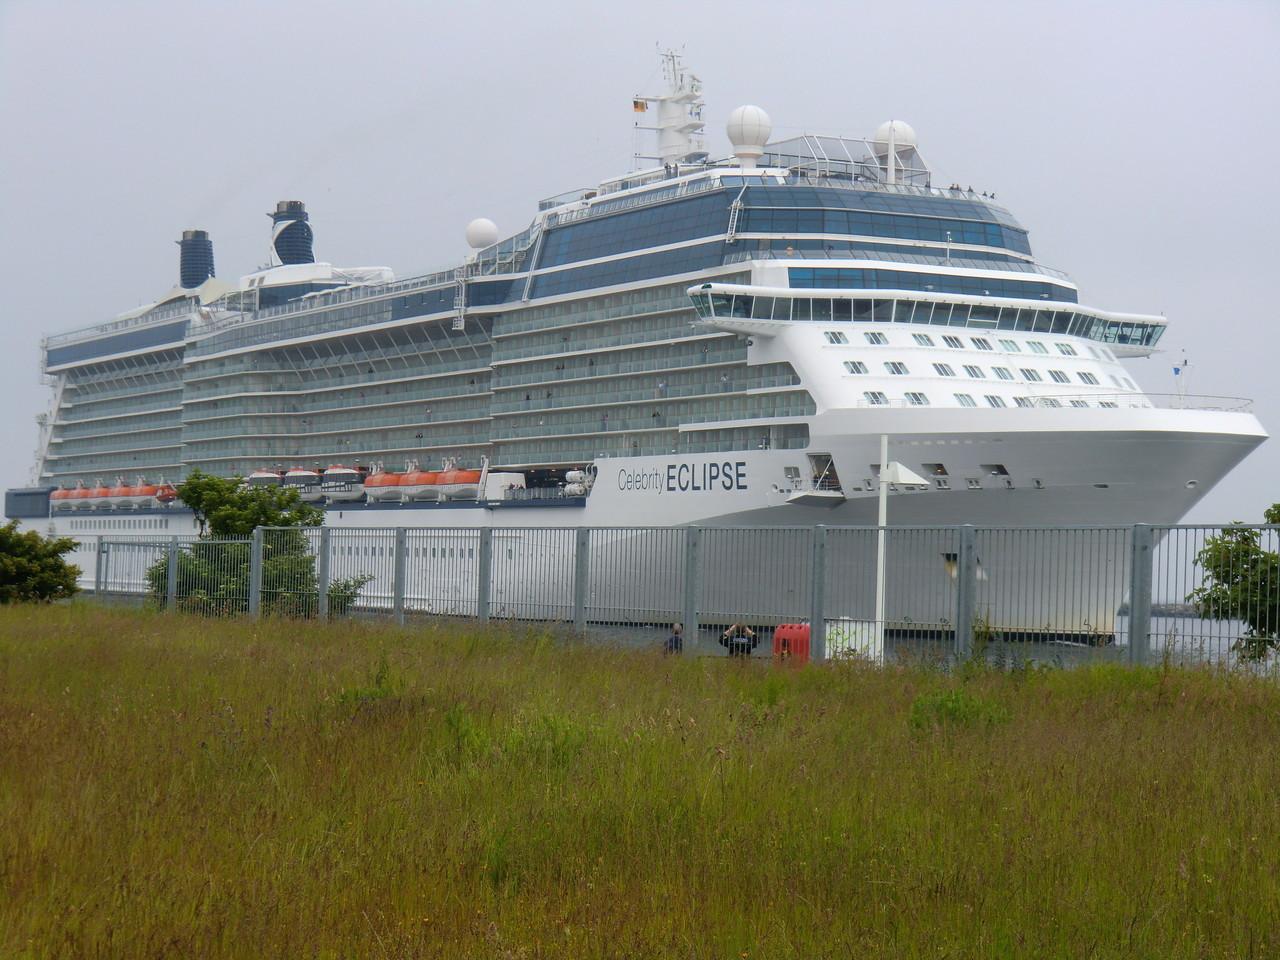 die Celebrity Eclipse, das größte Kreuzfahrtschiff das eingelaufen ist